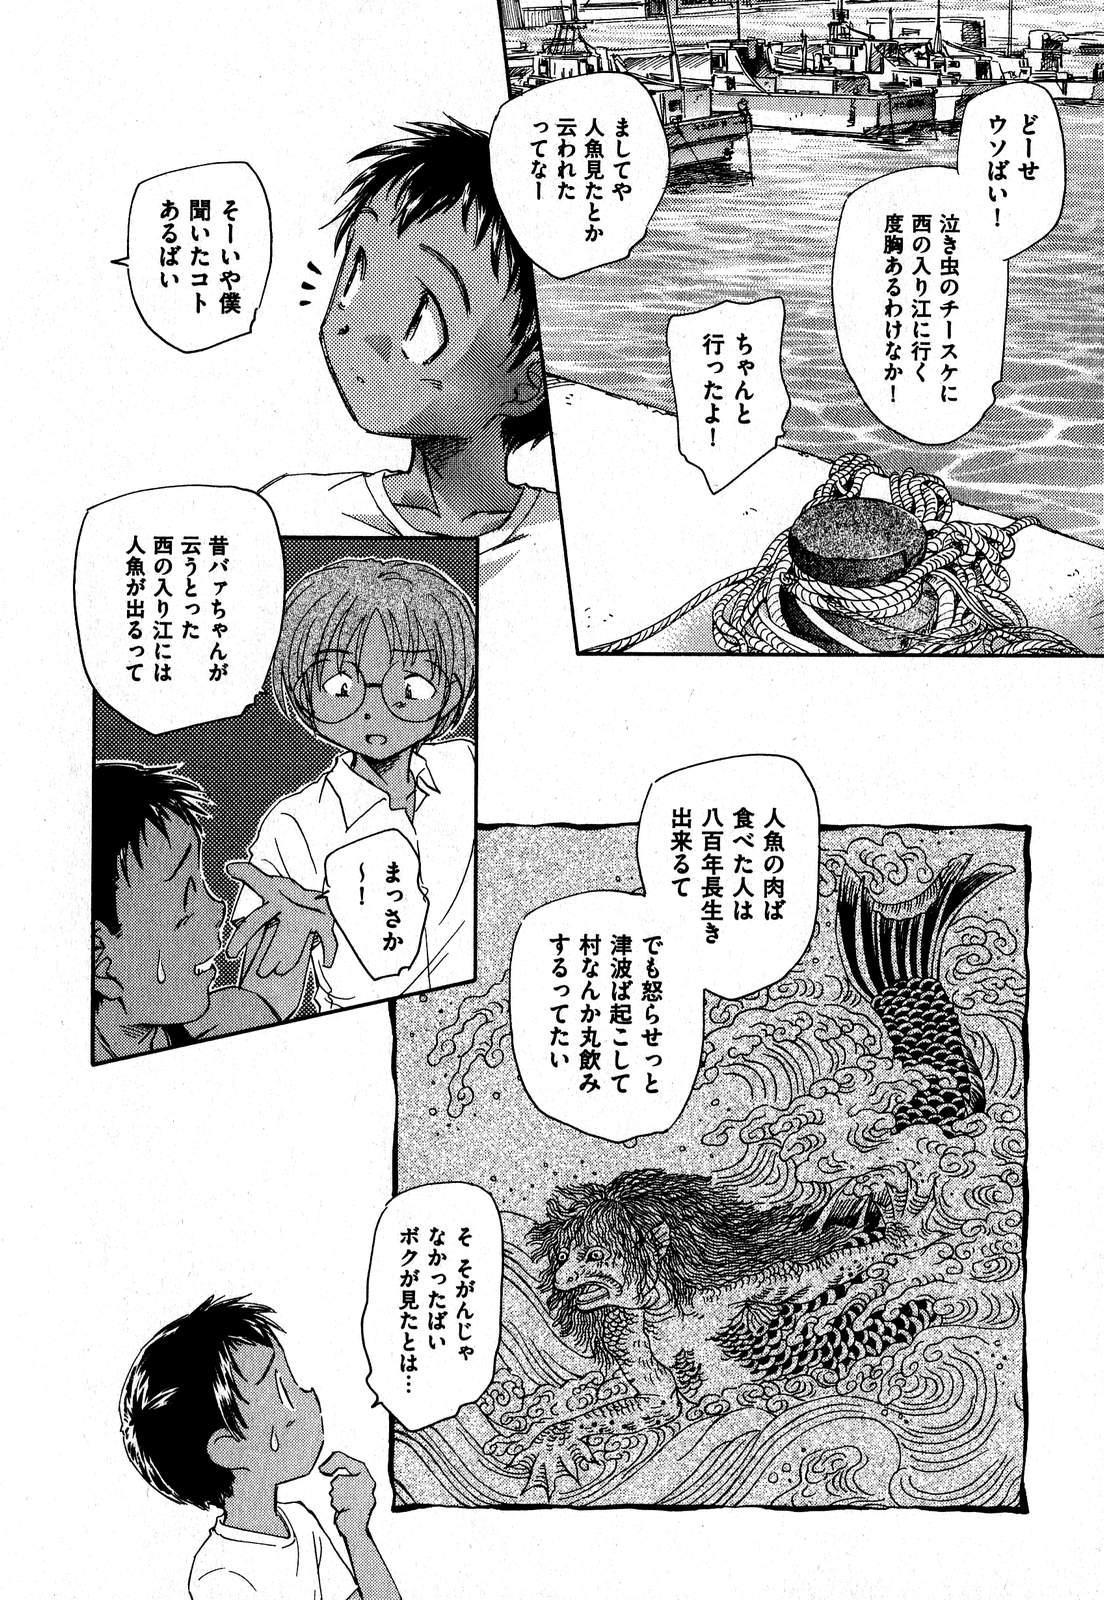 COMIC XO 2007-09 Vol. 16 107